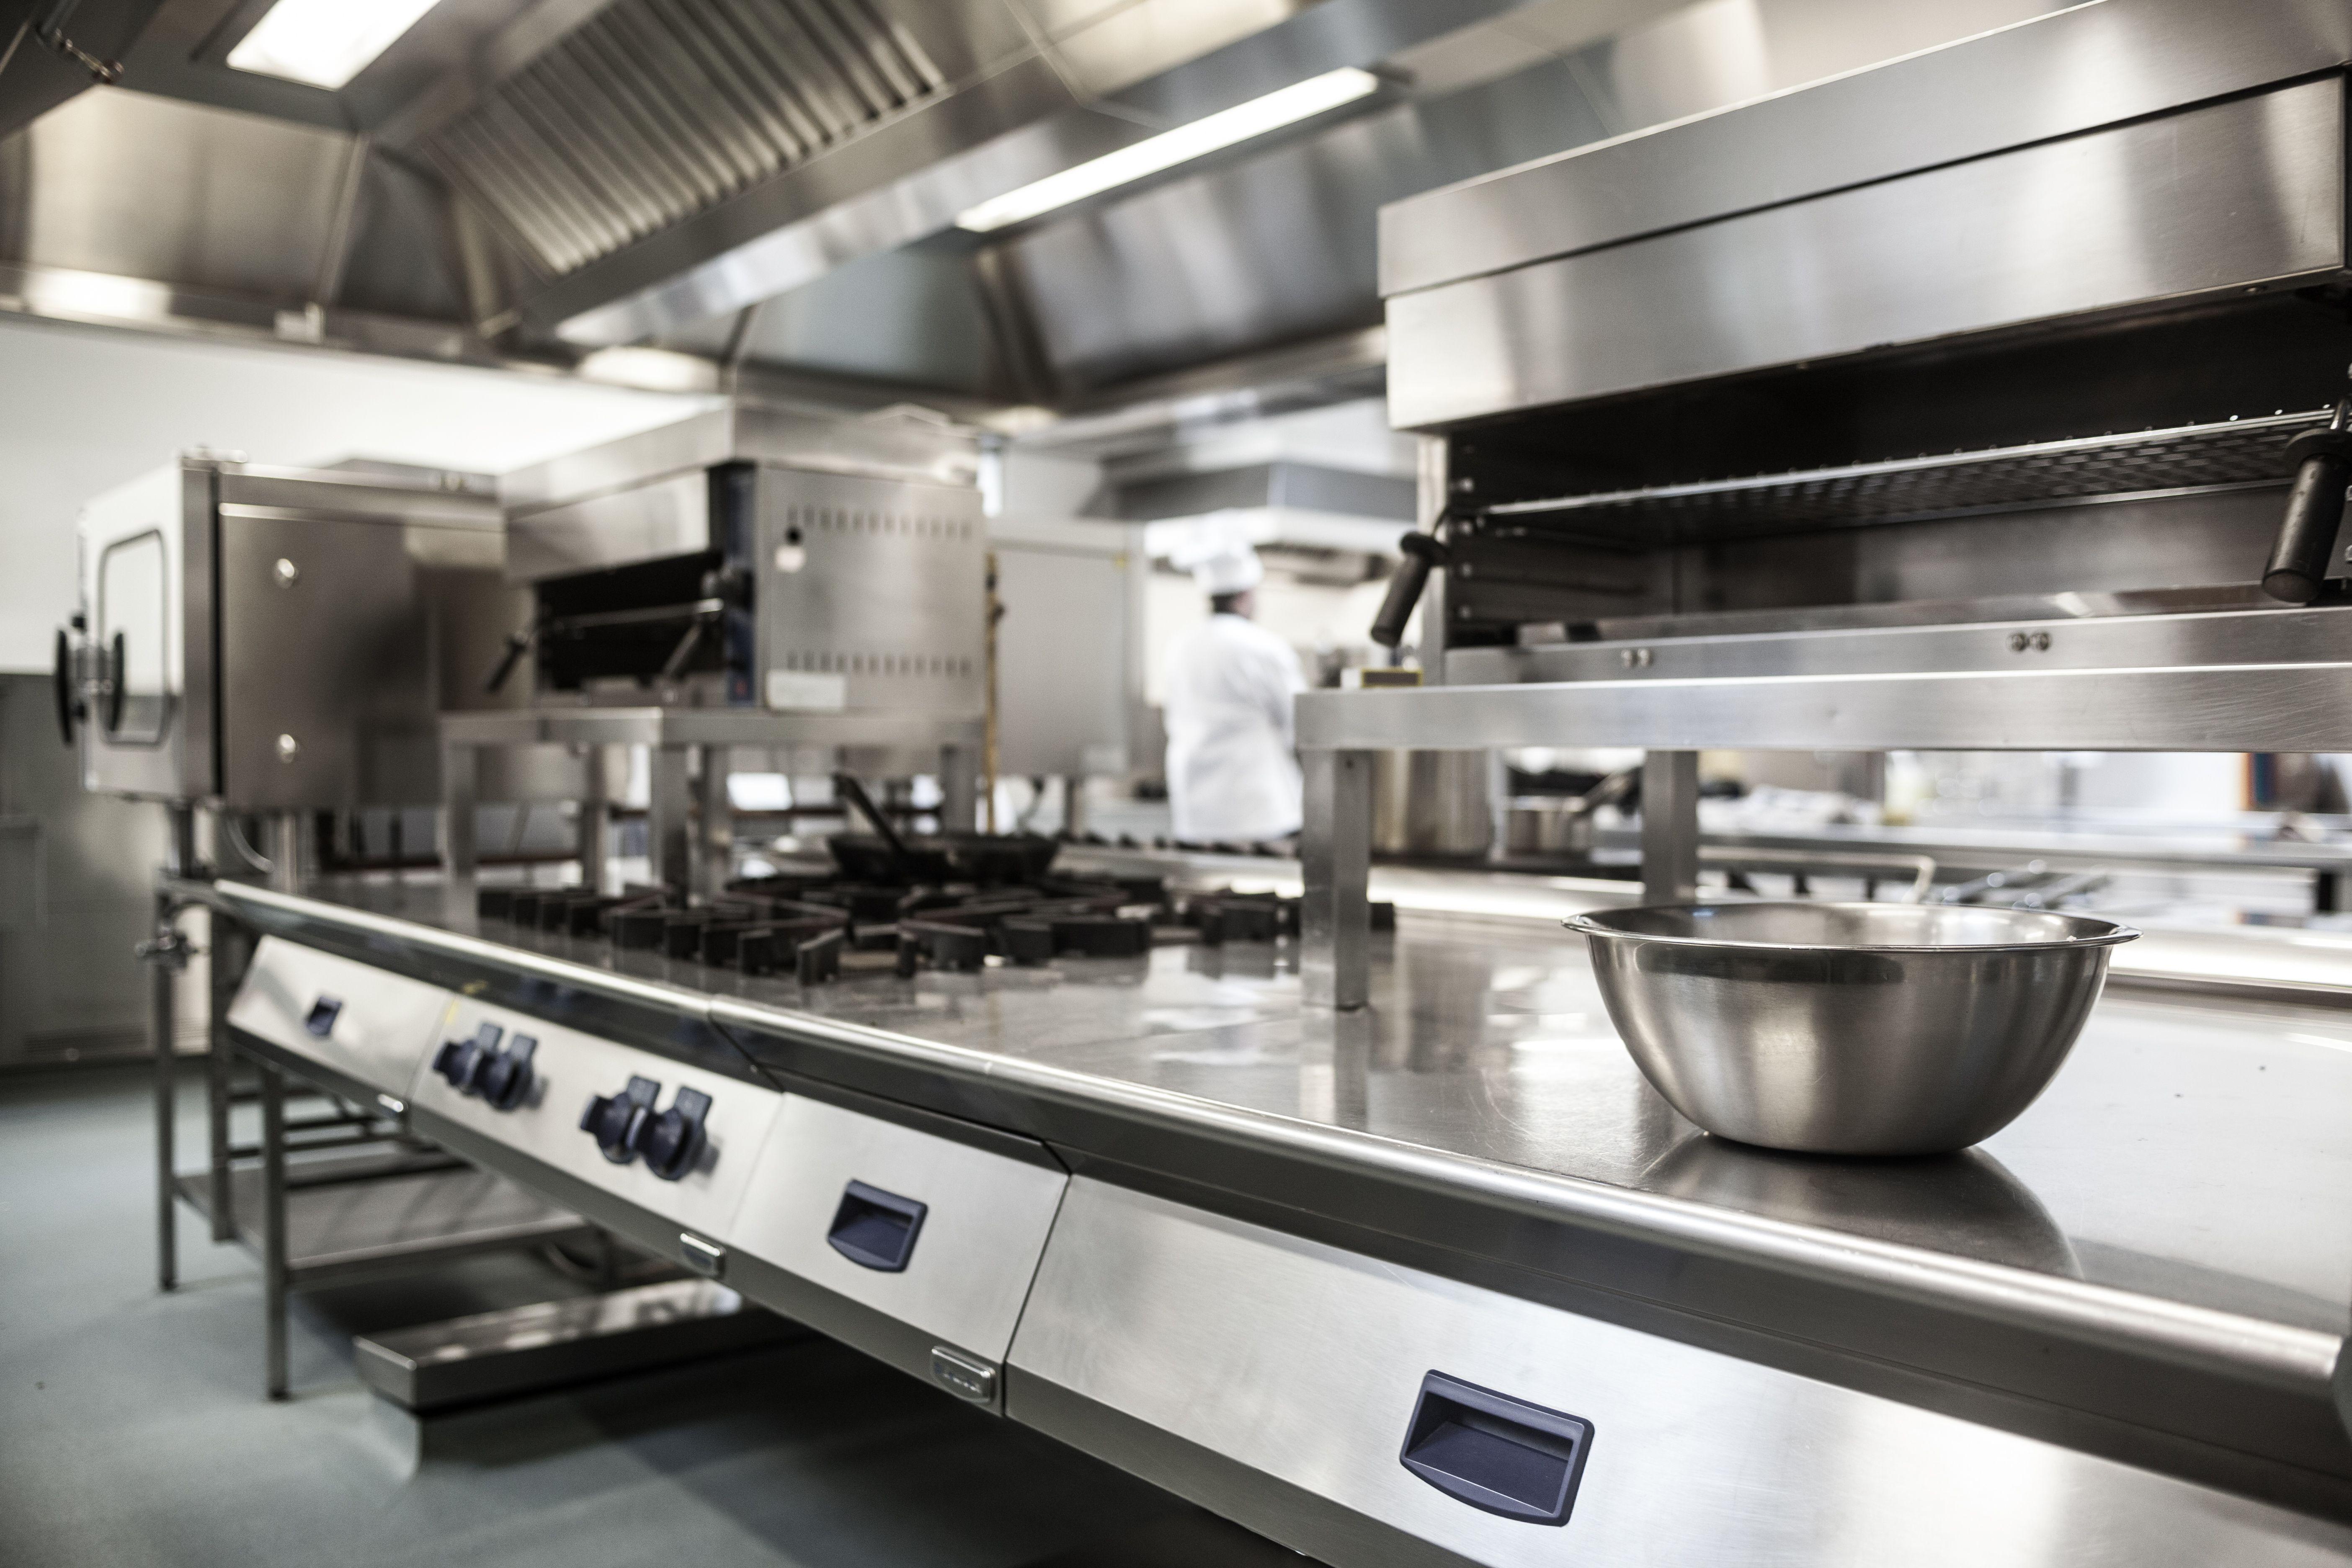 Webstaurantstore Is Your Restaurant Equipment Resource With